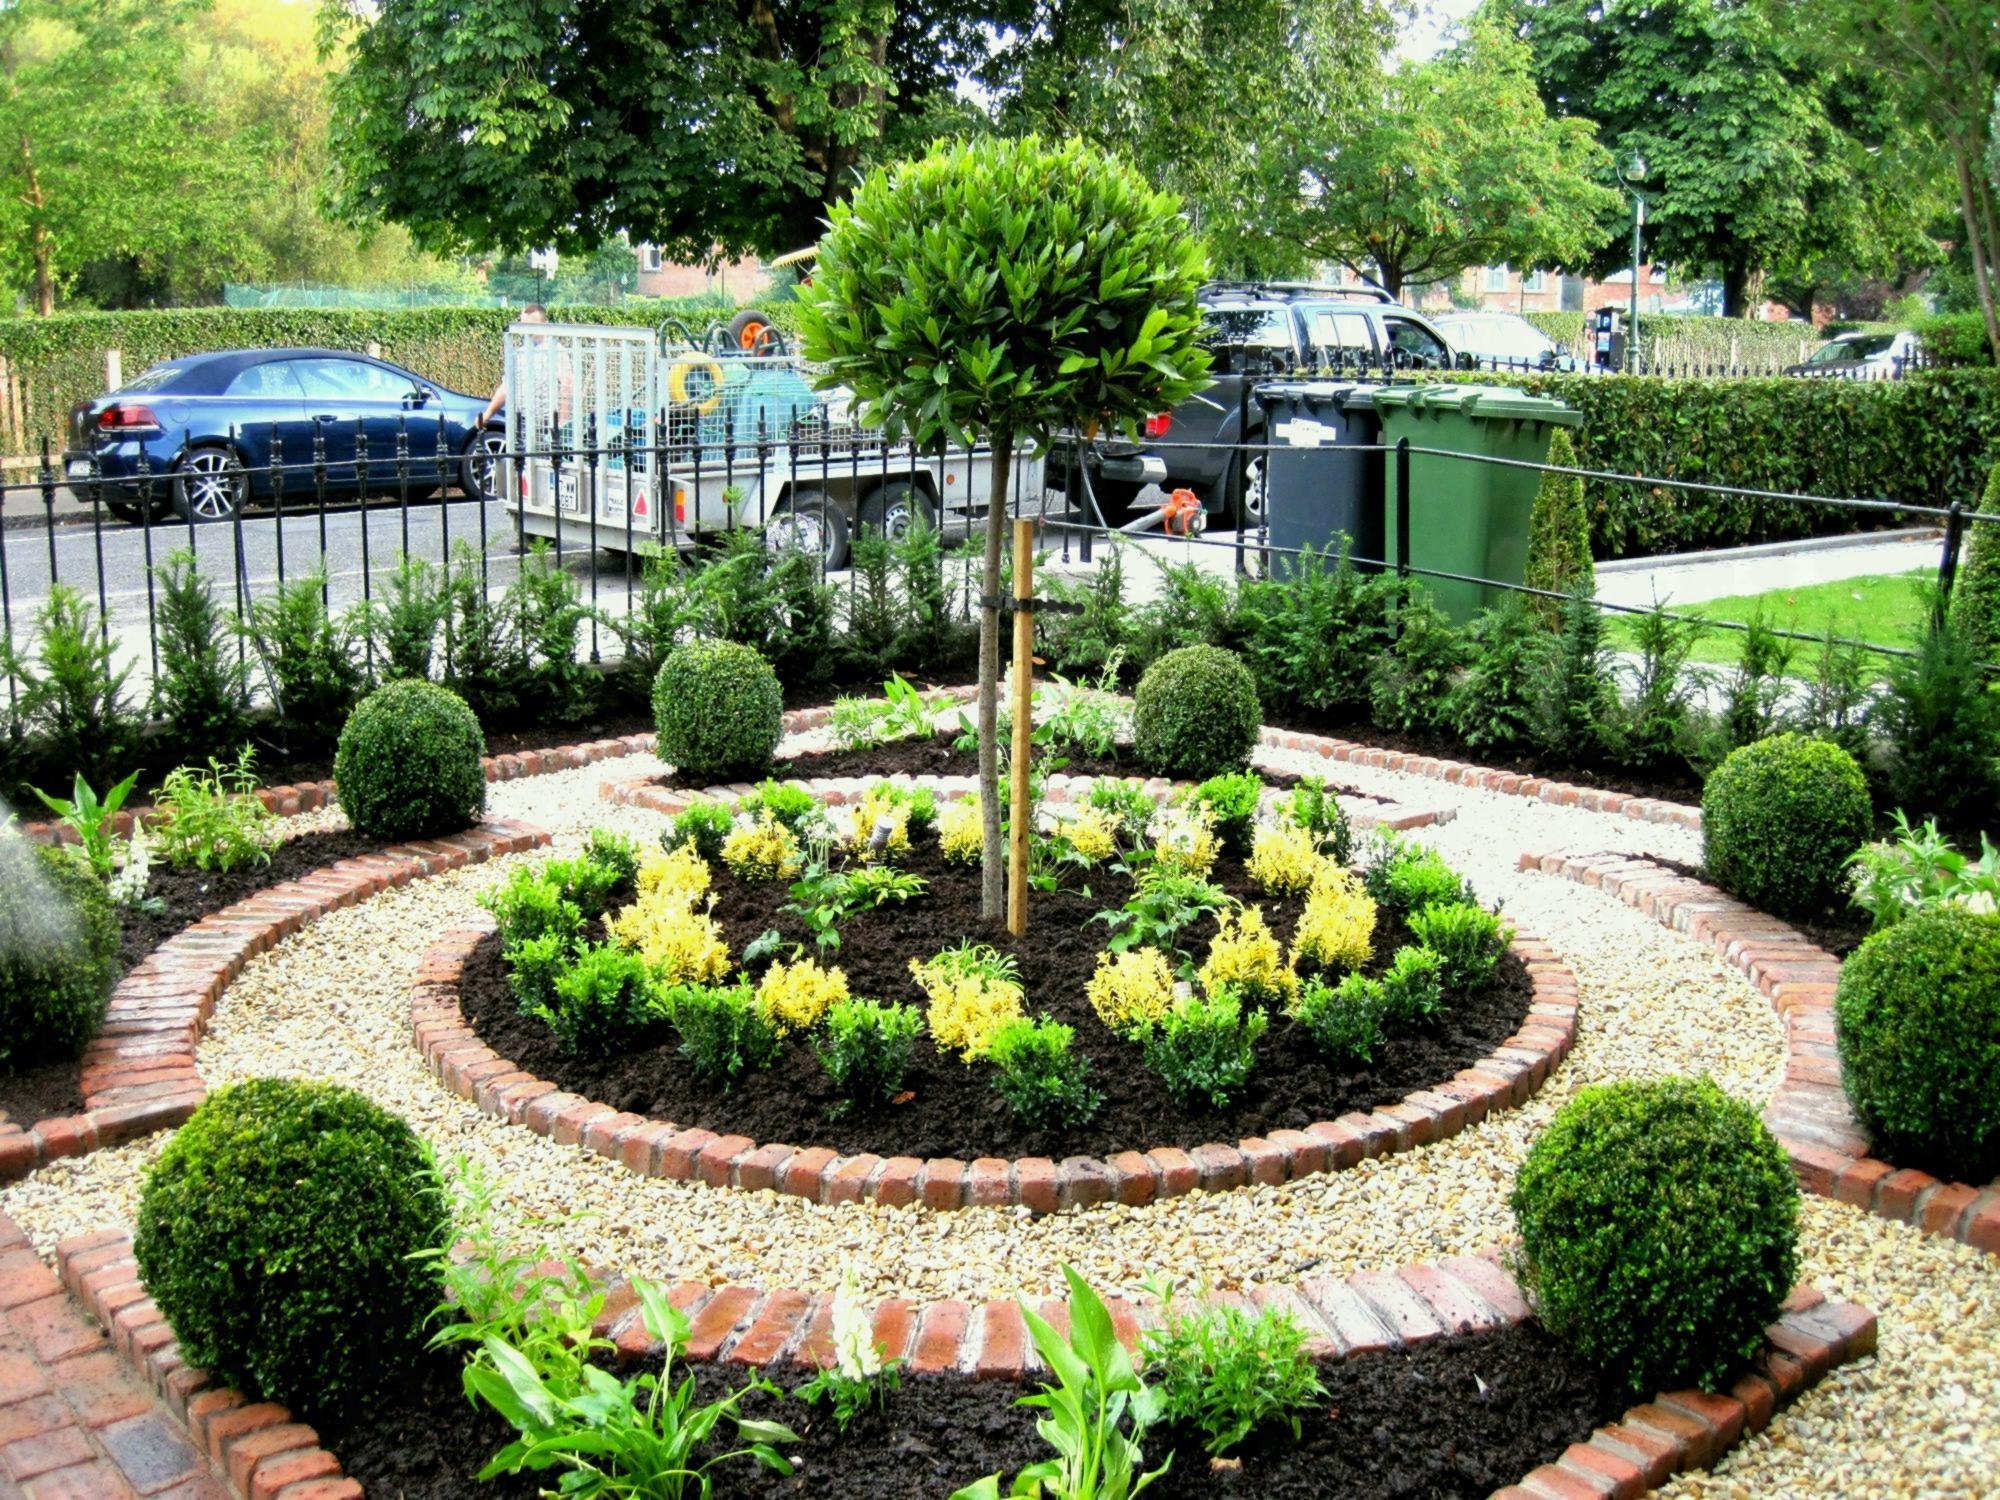 landscape garden landscaping garden design new tree house landscape design luxury garden  ideas QCPTDNV